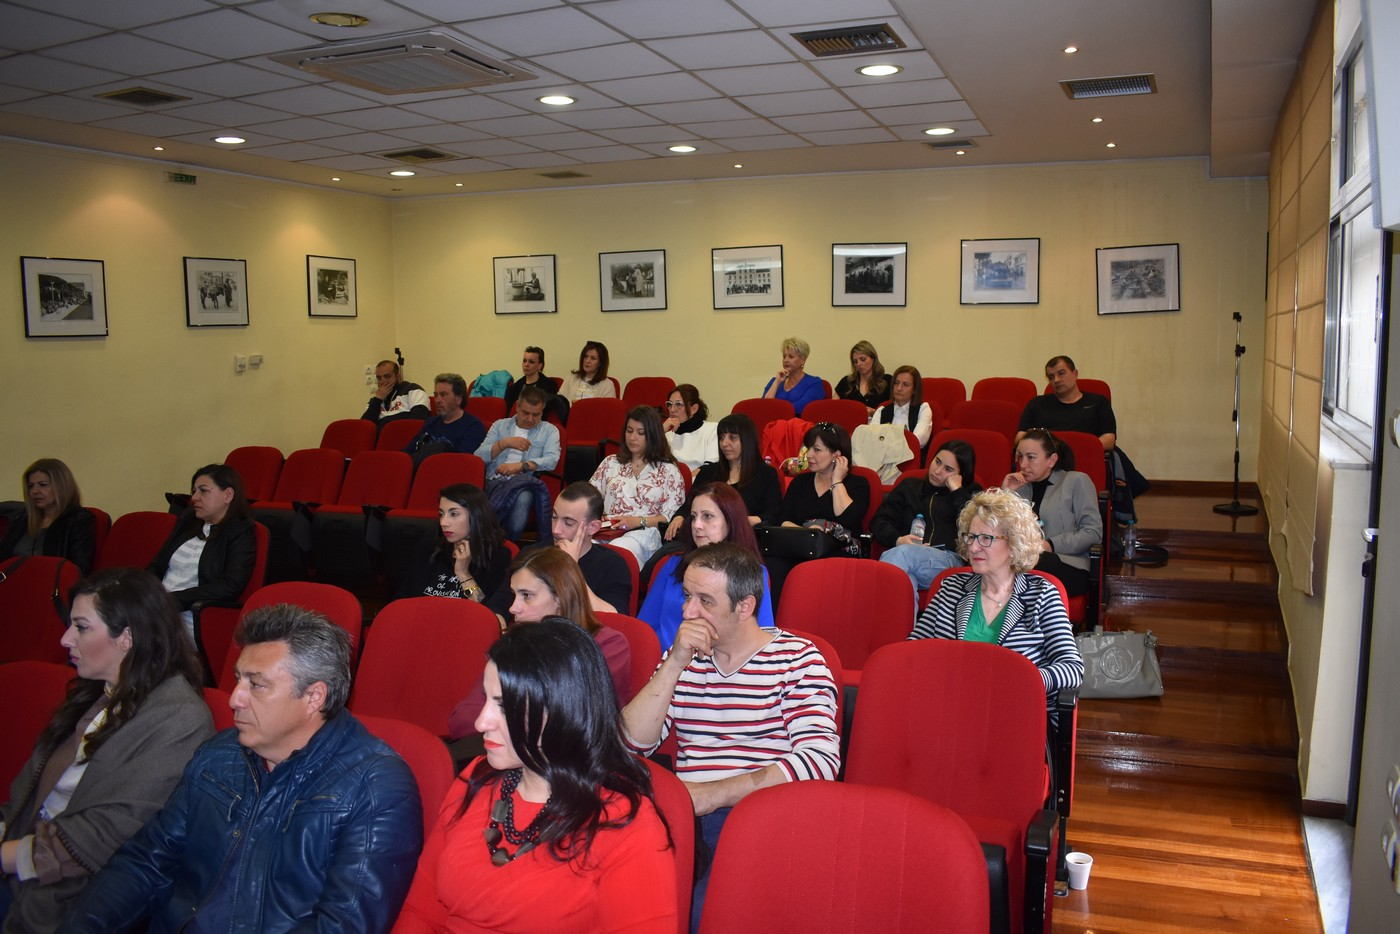 Εκδήλωση για τις νέες τάσεις μόδας πραγματοποιήθηκε στη Λάρισα (φωτο)